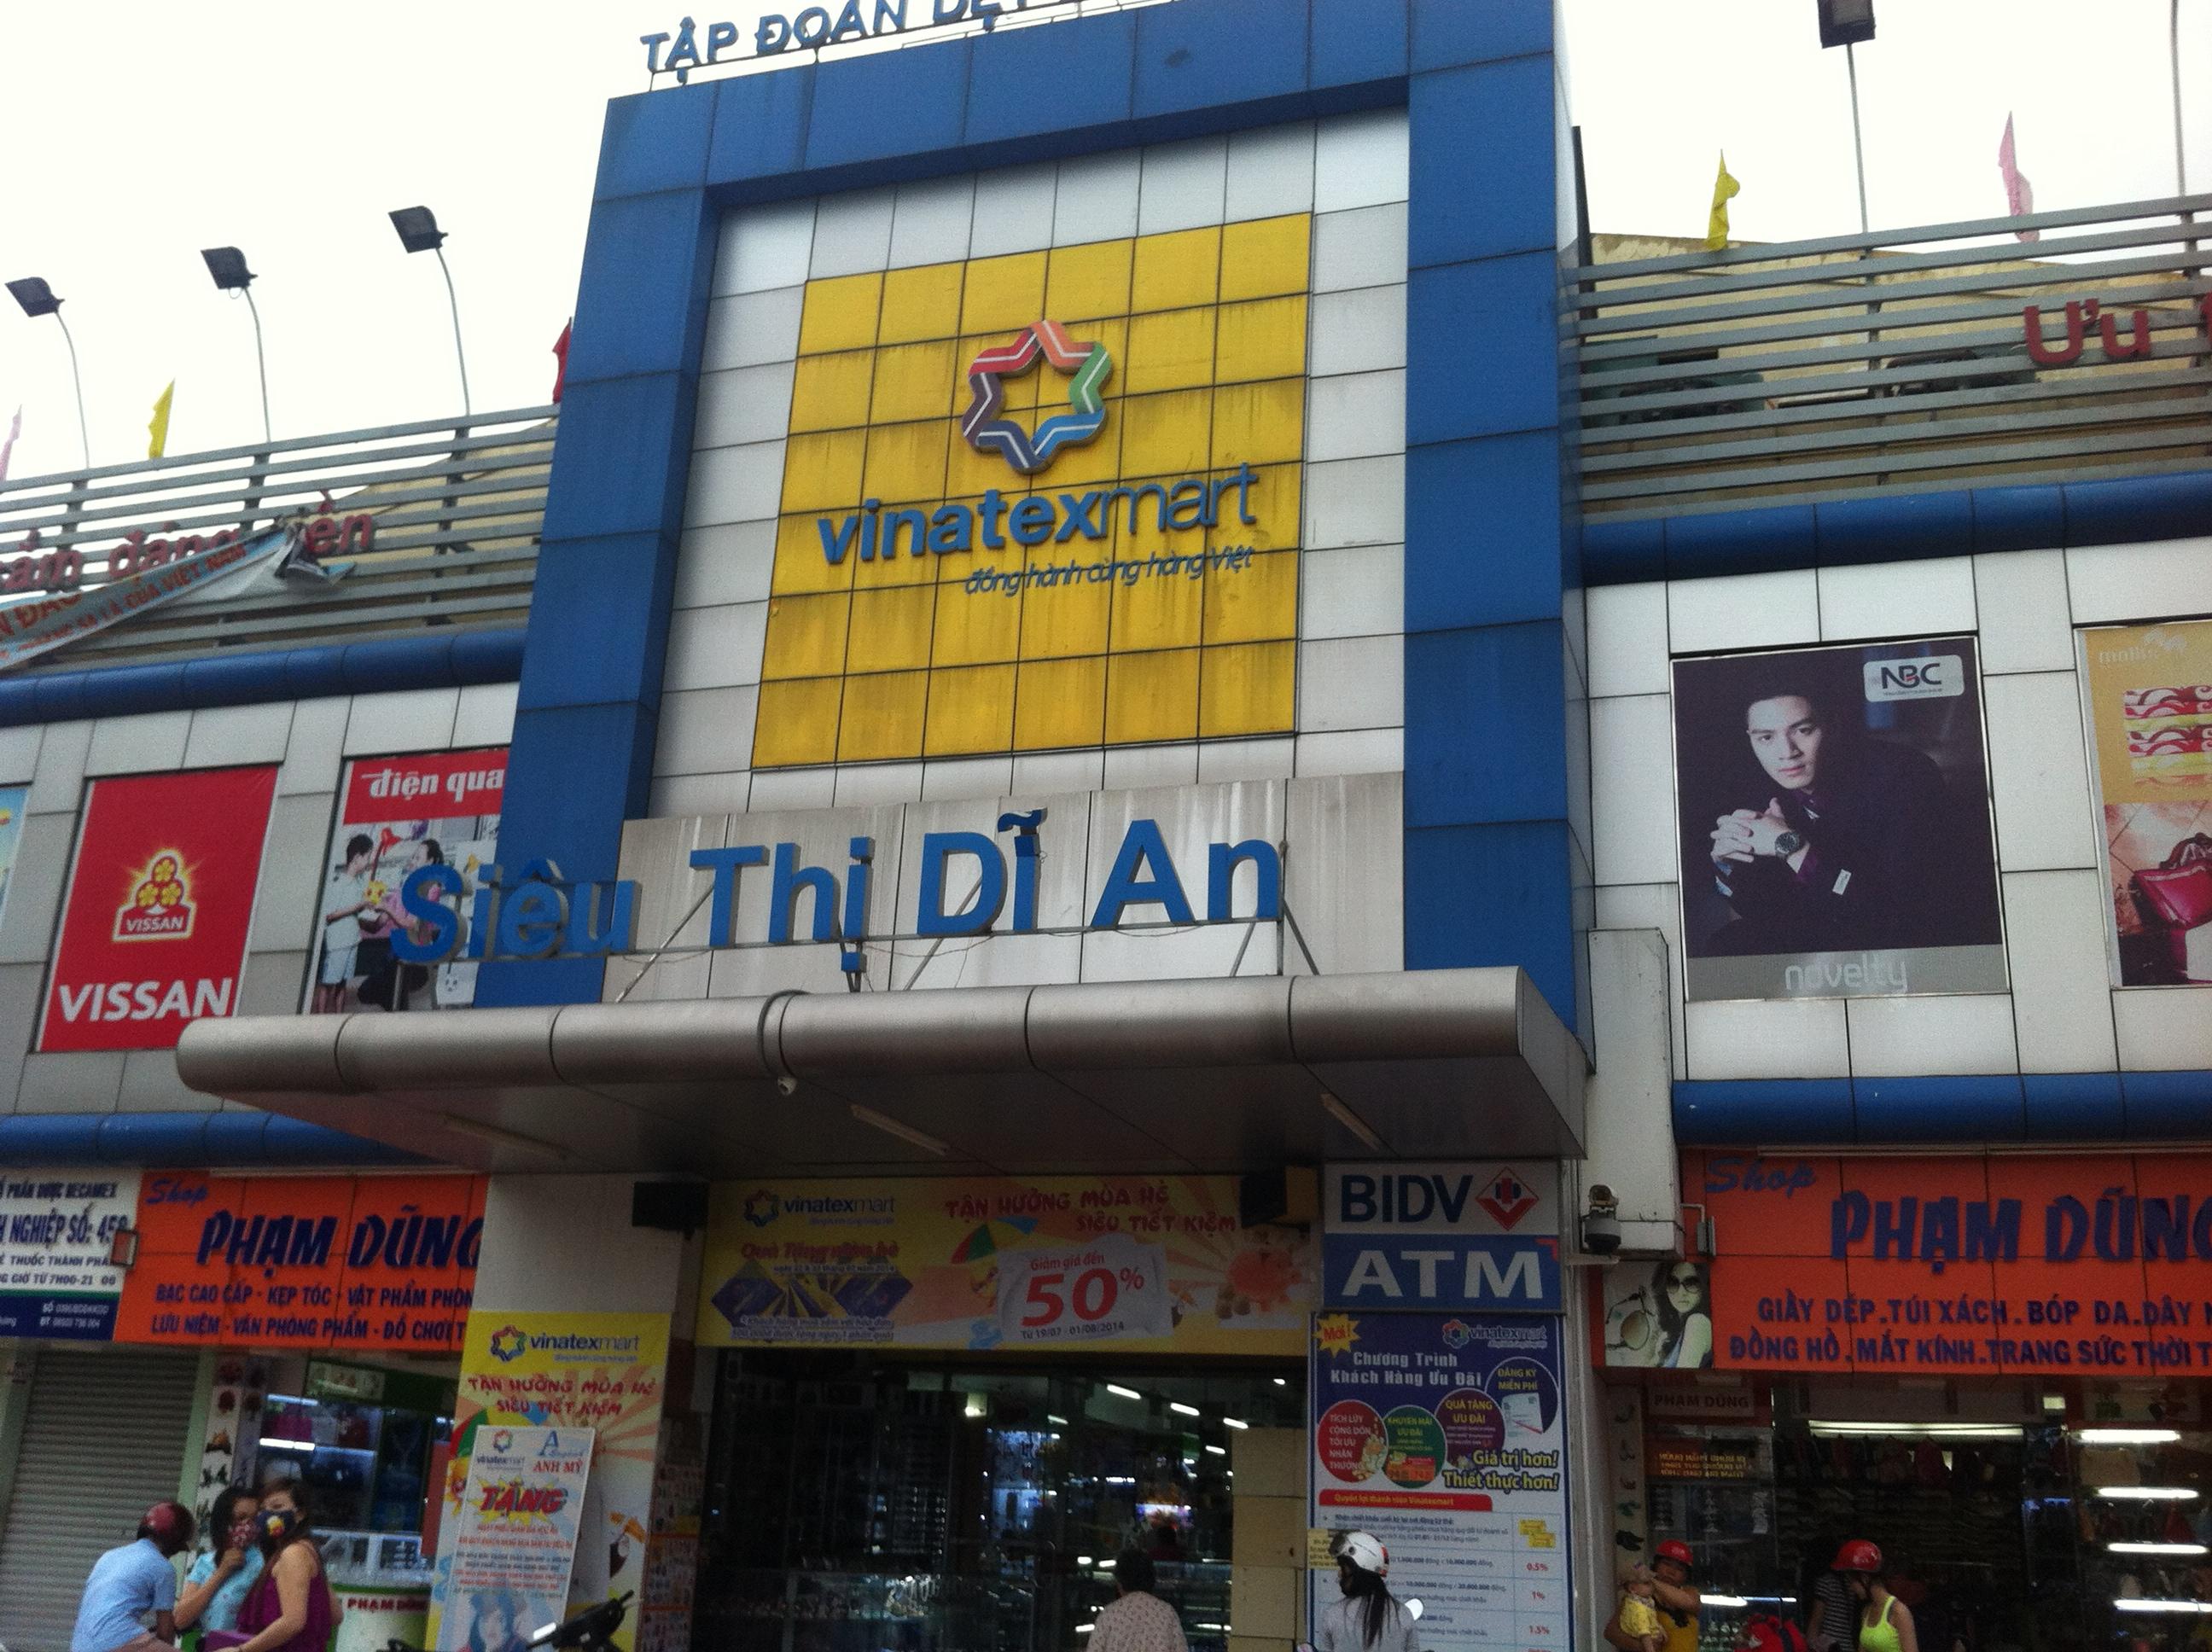 NHÀ MẶT TIỀN BUÔN BÁN ĐƯỜNG THÔNG CẦN BÁN, nhà gần siêu thị dĩ an